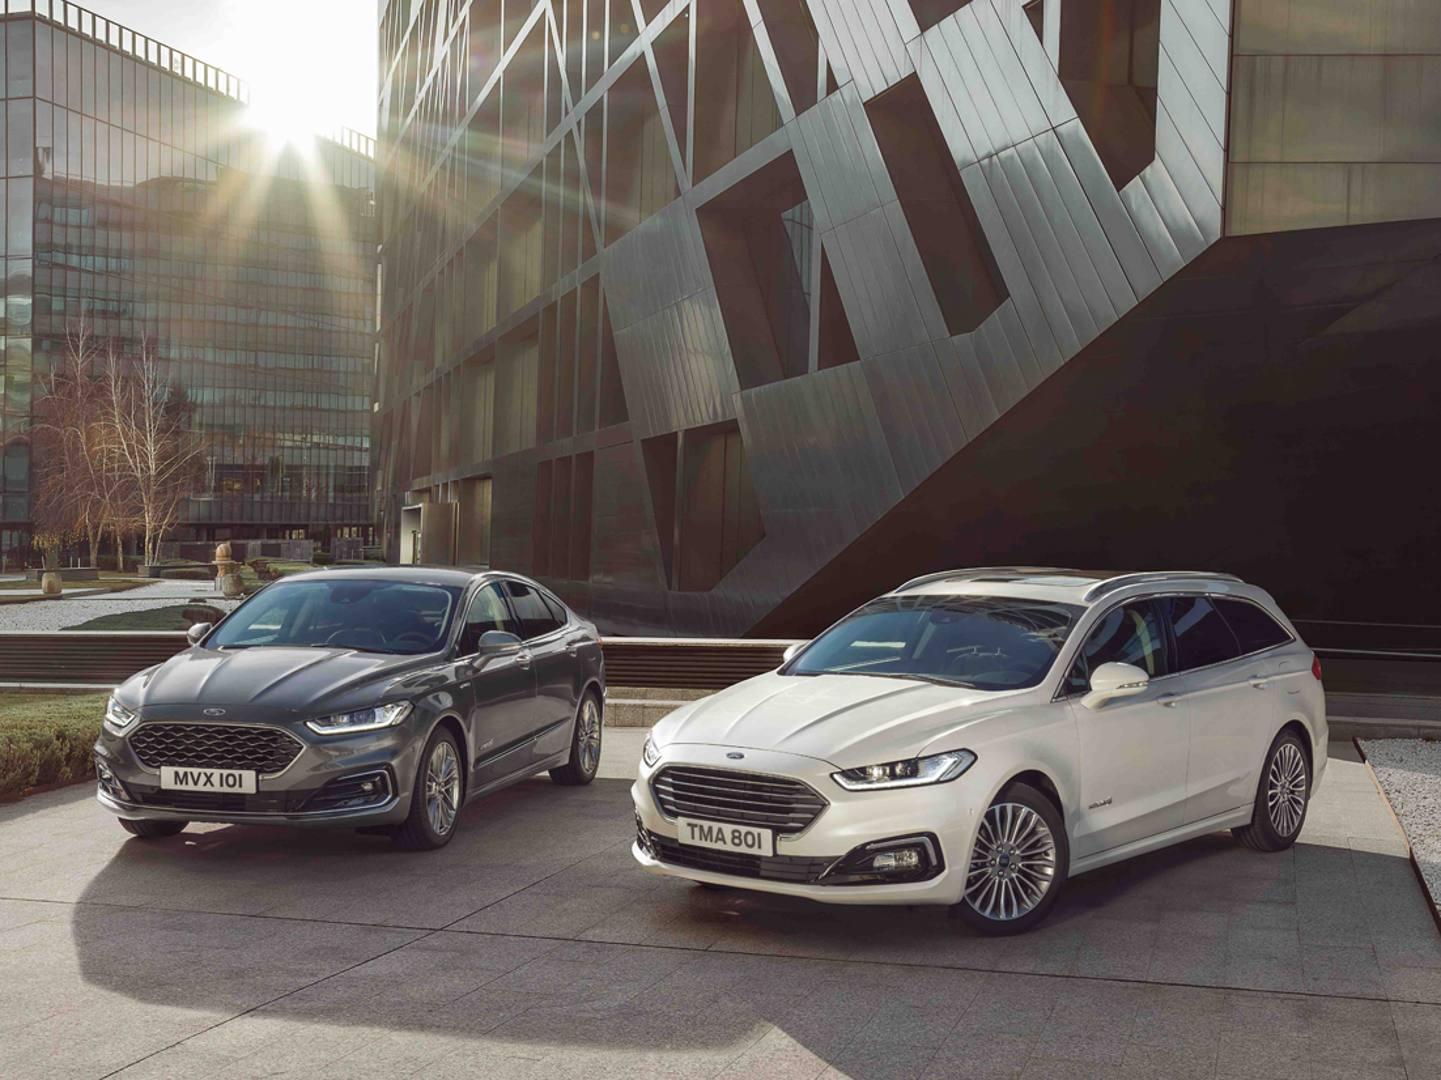 Ford ha da poco rinnovato la Mondeo. In Italia arriva la Wagon ibrida